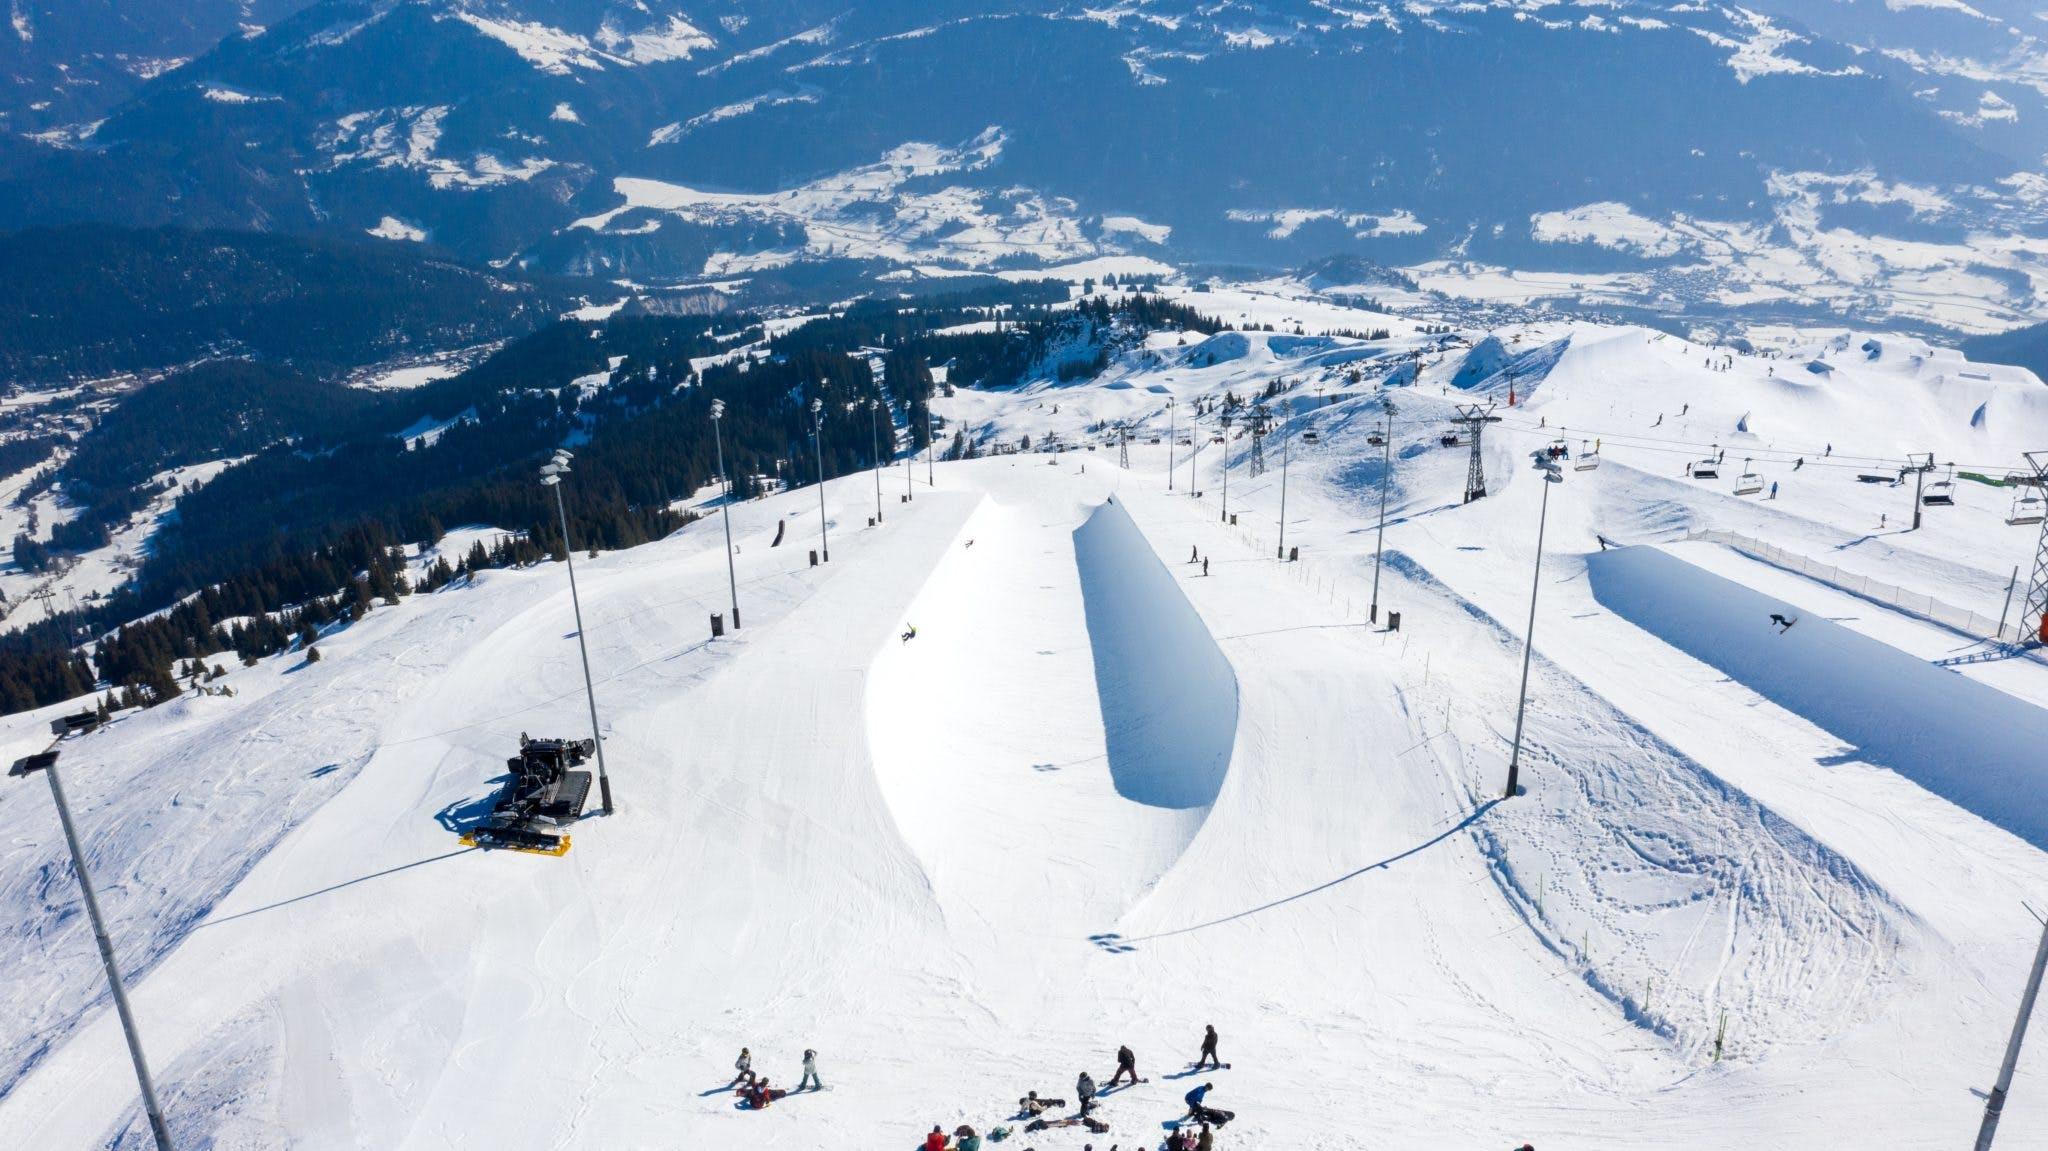 die 18 besten orte zum skifahren snowboarden in der schweiz